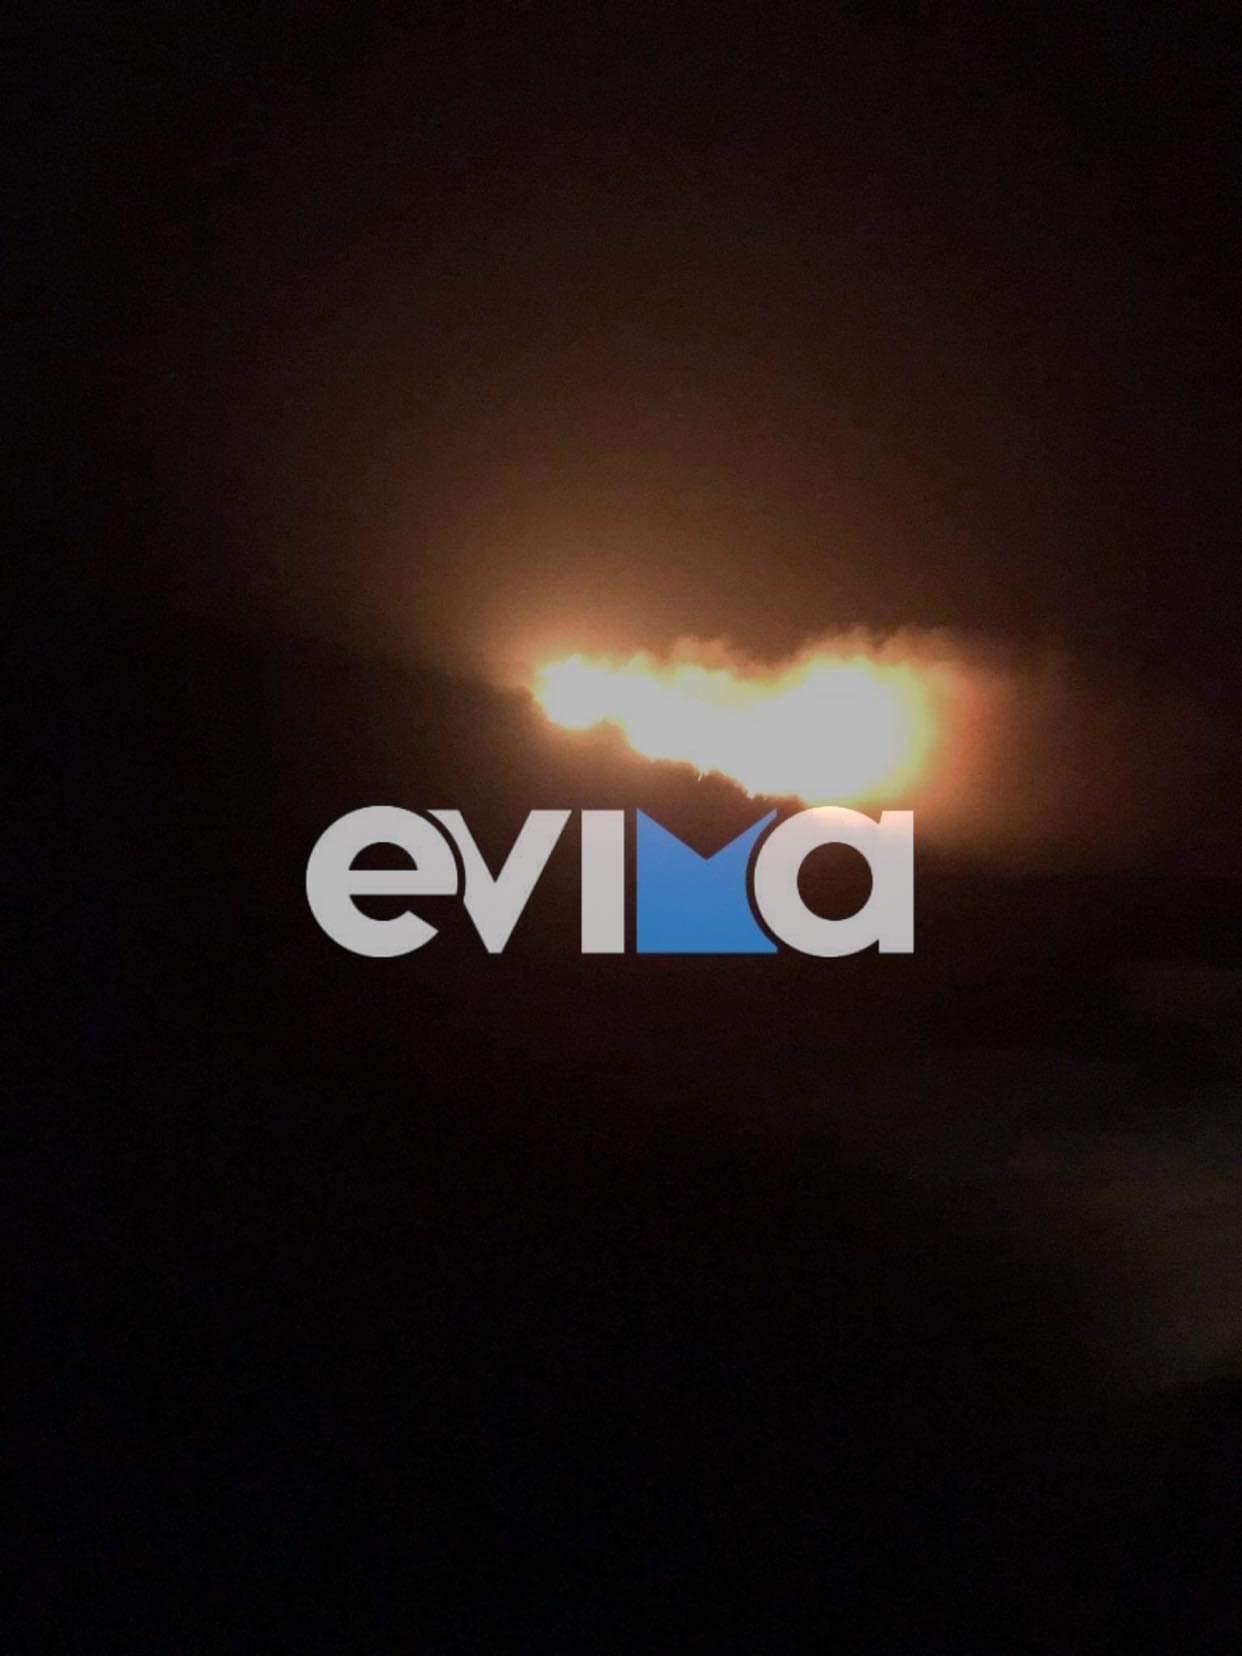 Πυρκαγιά ΤΩΡΑ σε δασική έκταση κοντά στην Κάρυστο (Φωτο)